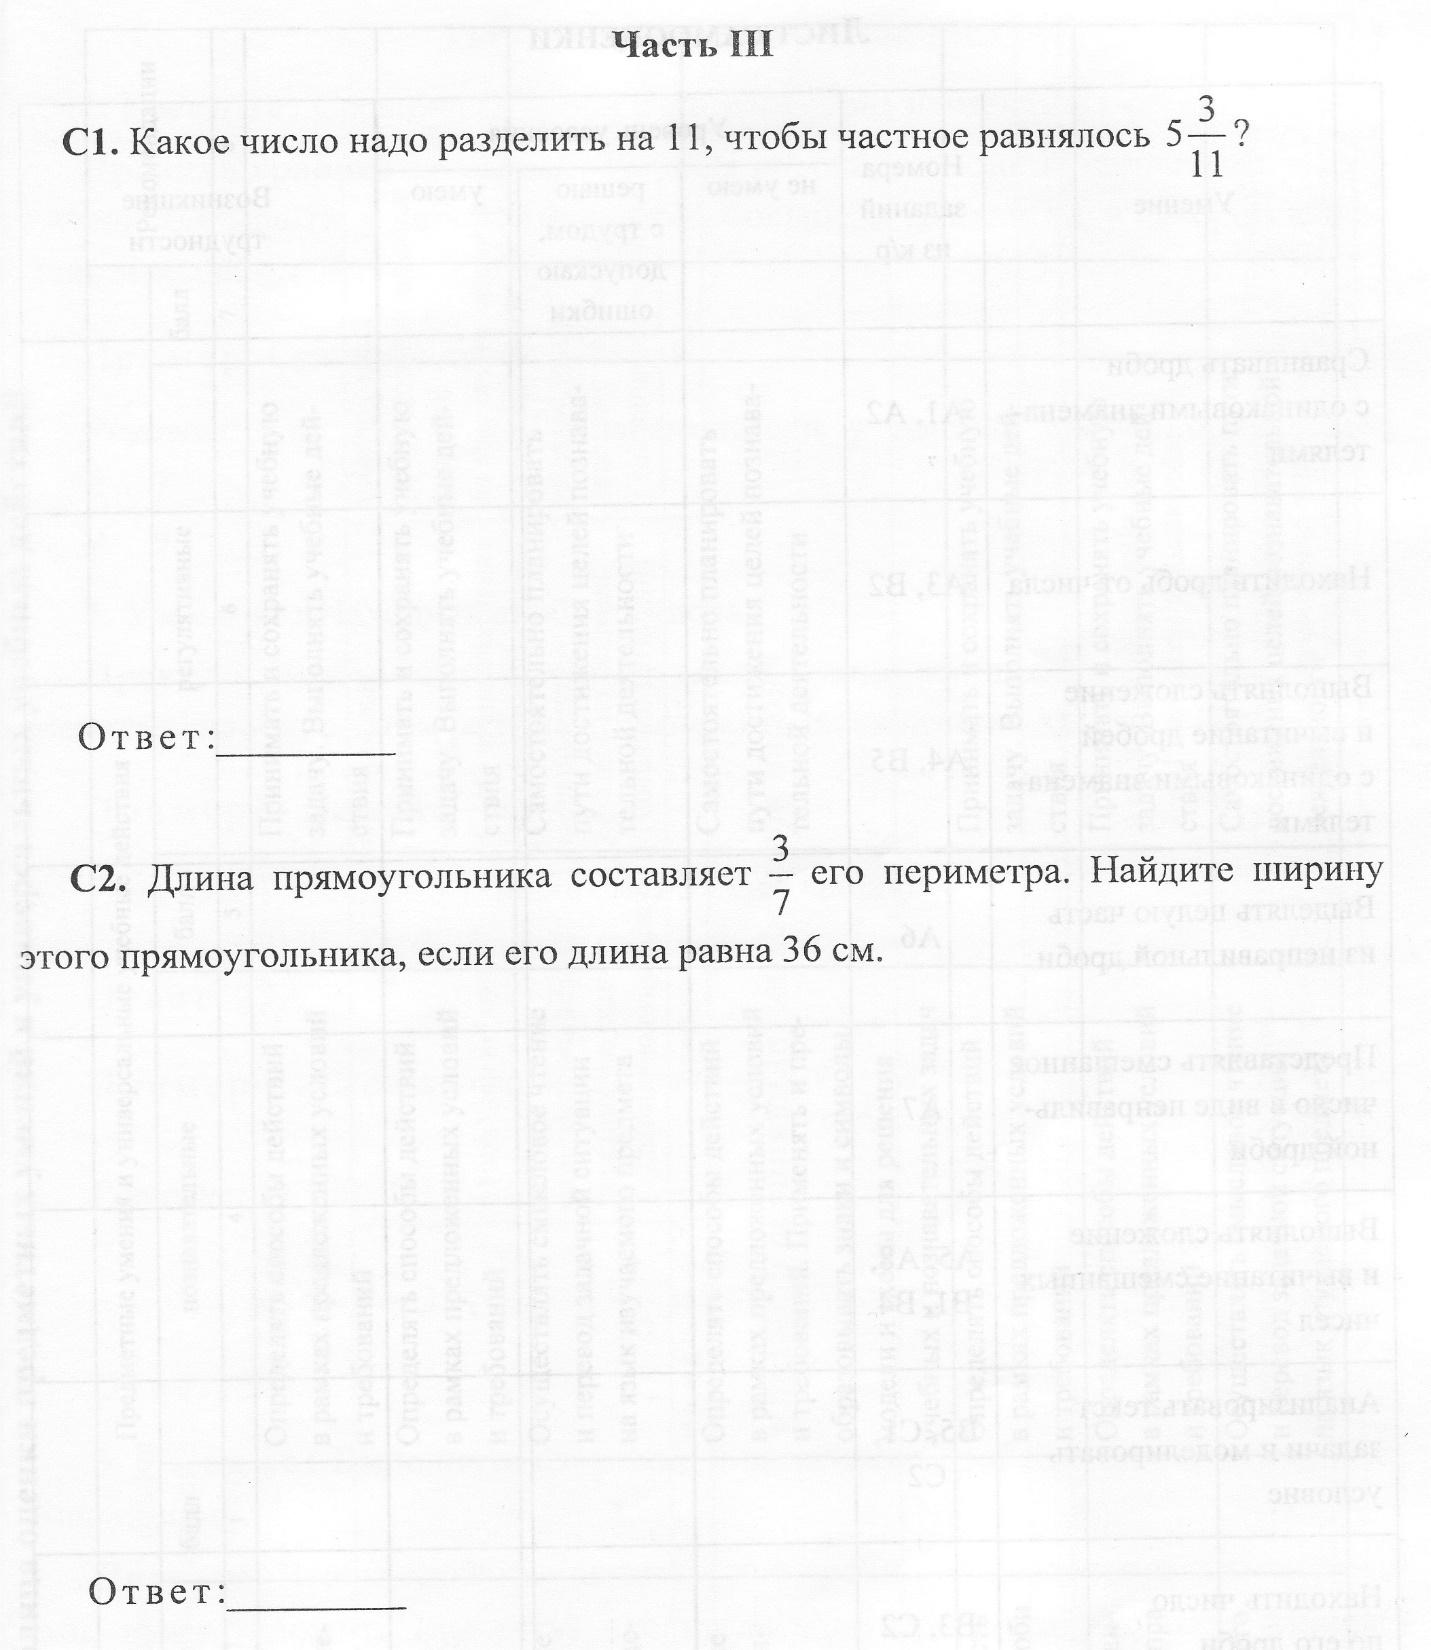 H:\рабочая программа 2015-2016\математика 5 кл\рабочая программа\диагностики\IMG_0024.jpg